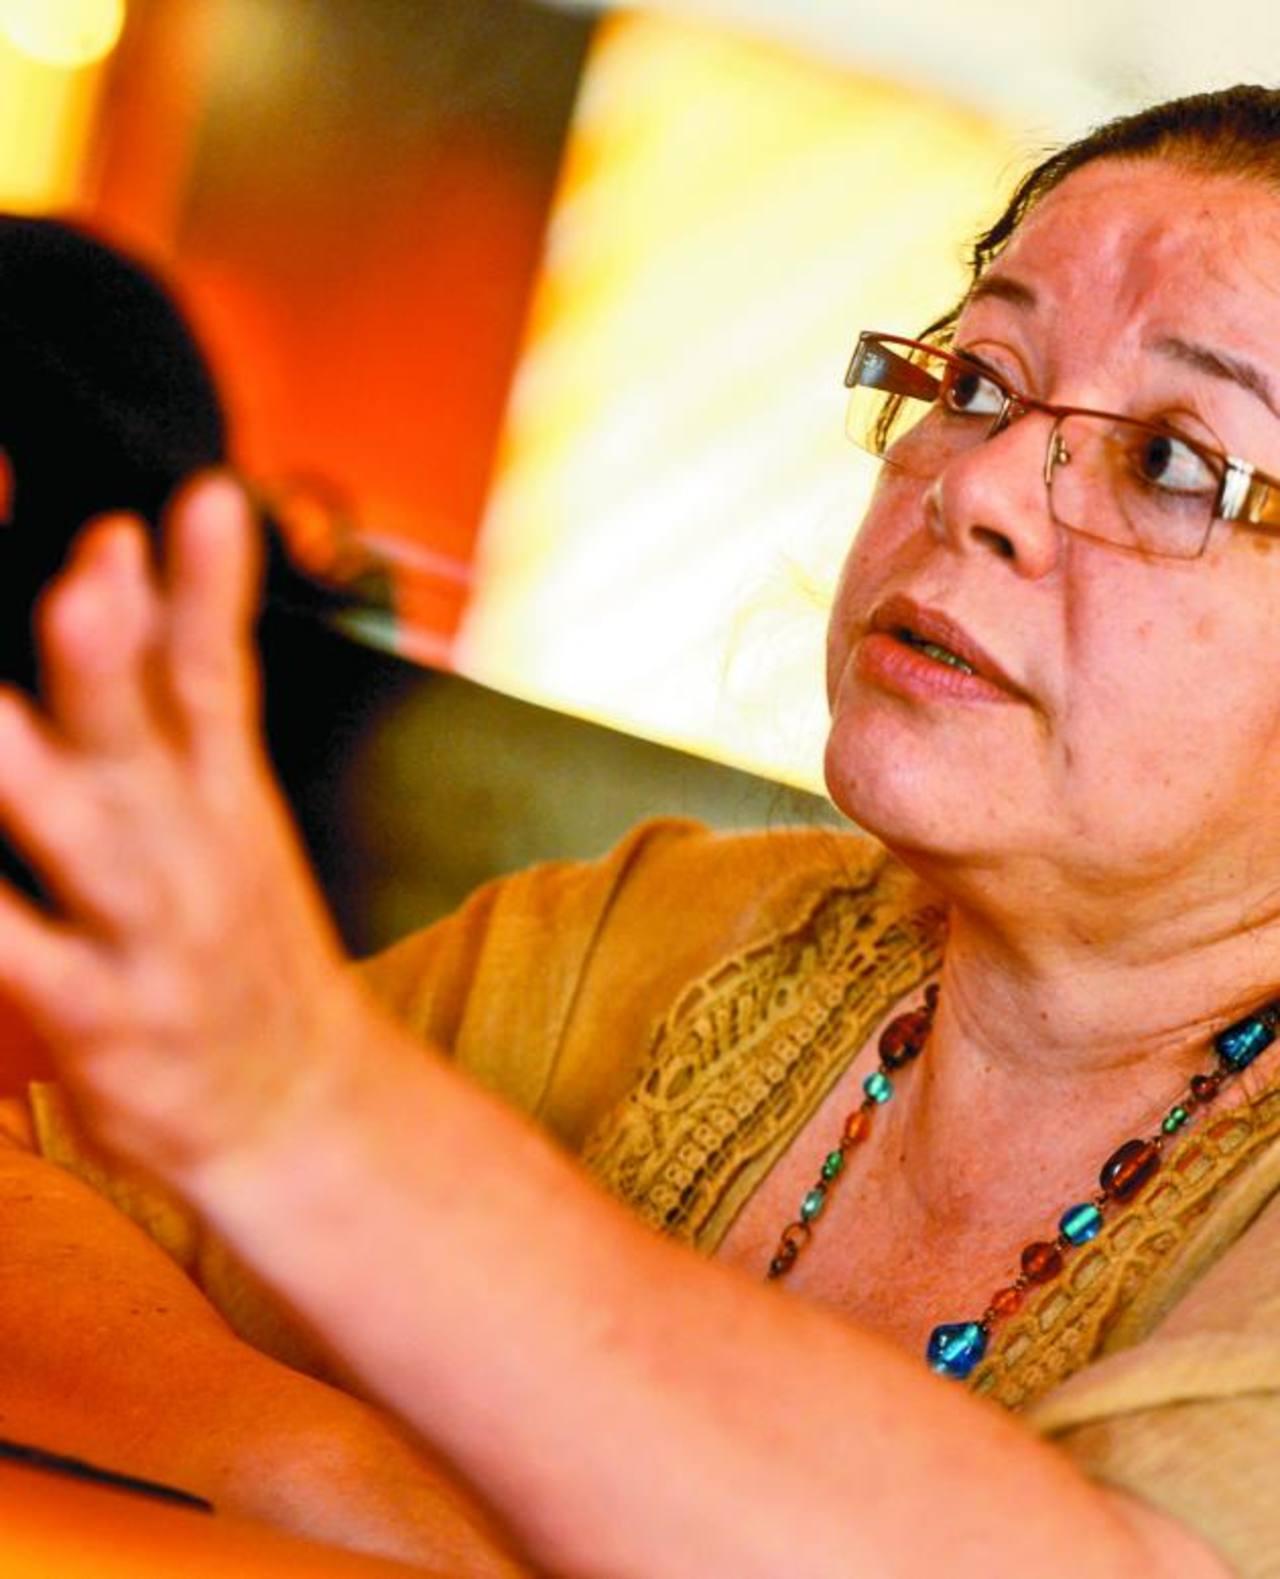 No importan los espacios, Eunice Payés puede intervenirlos y hacerlos poéticos. Fotografías / EDH: OM